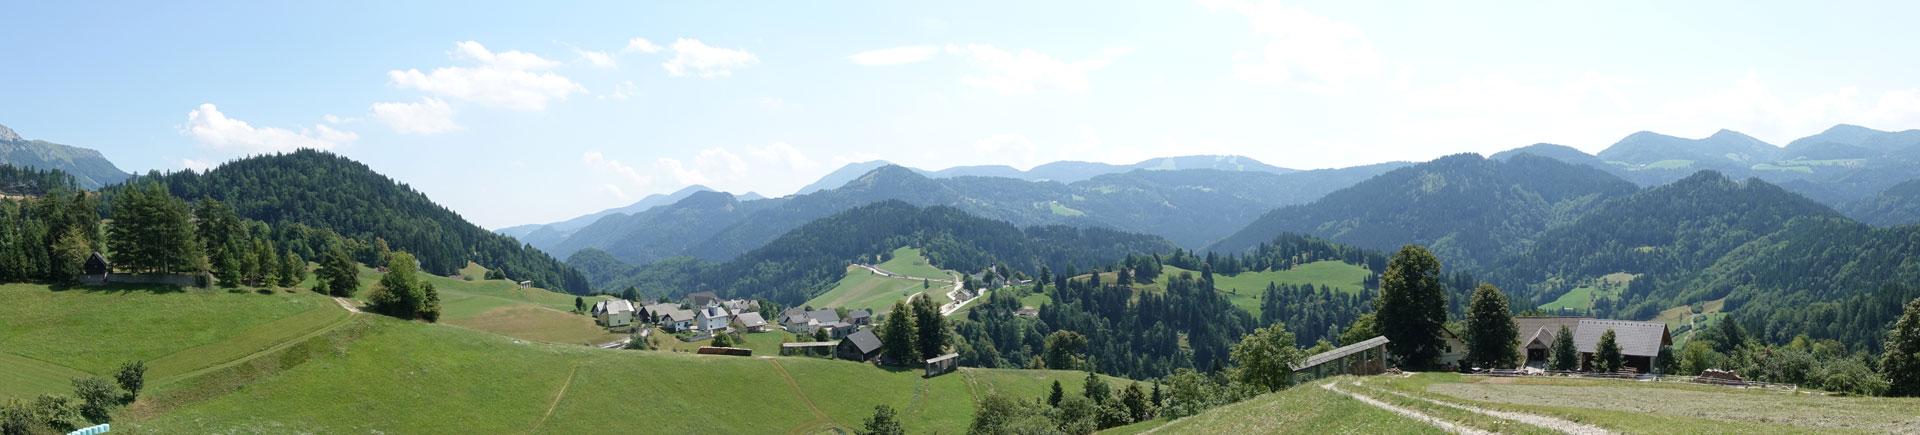 Itinéraire parcourir Slovénie 6 jours